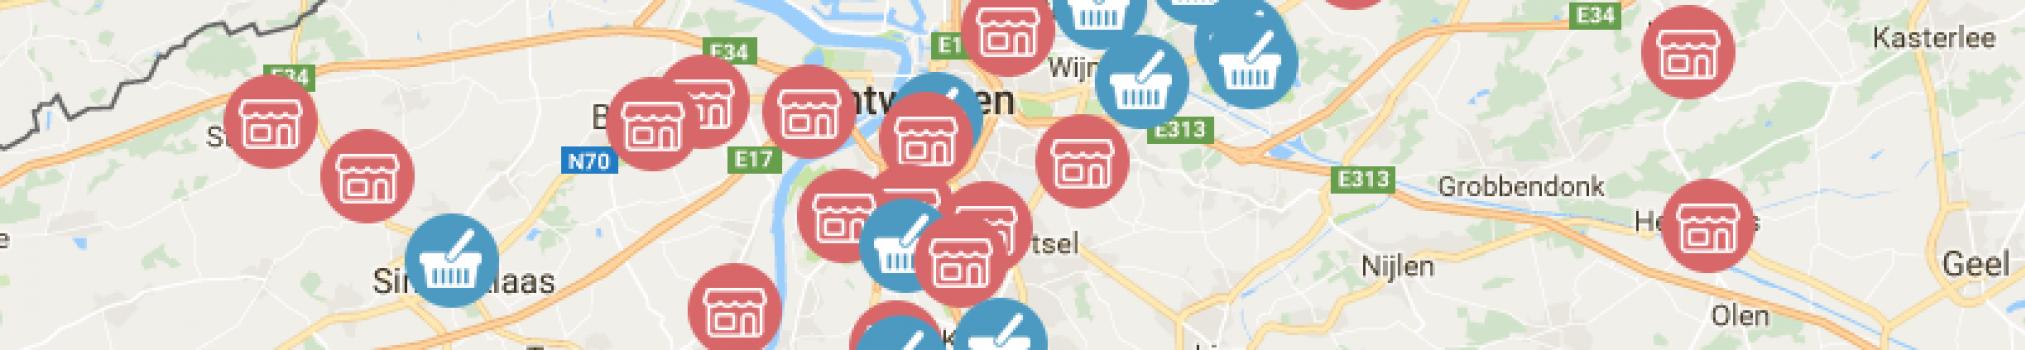 Waar is trappistenkaas van Westmalle te koop